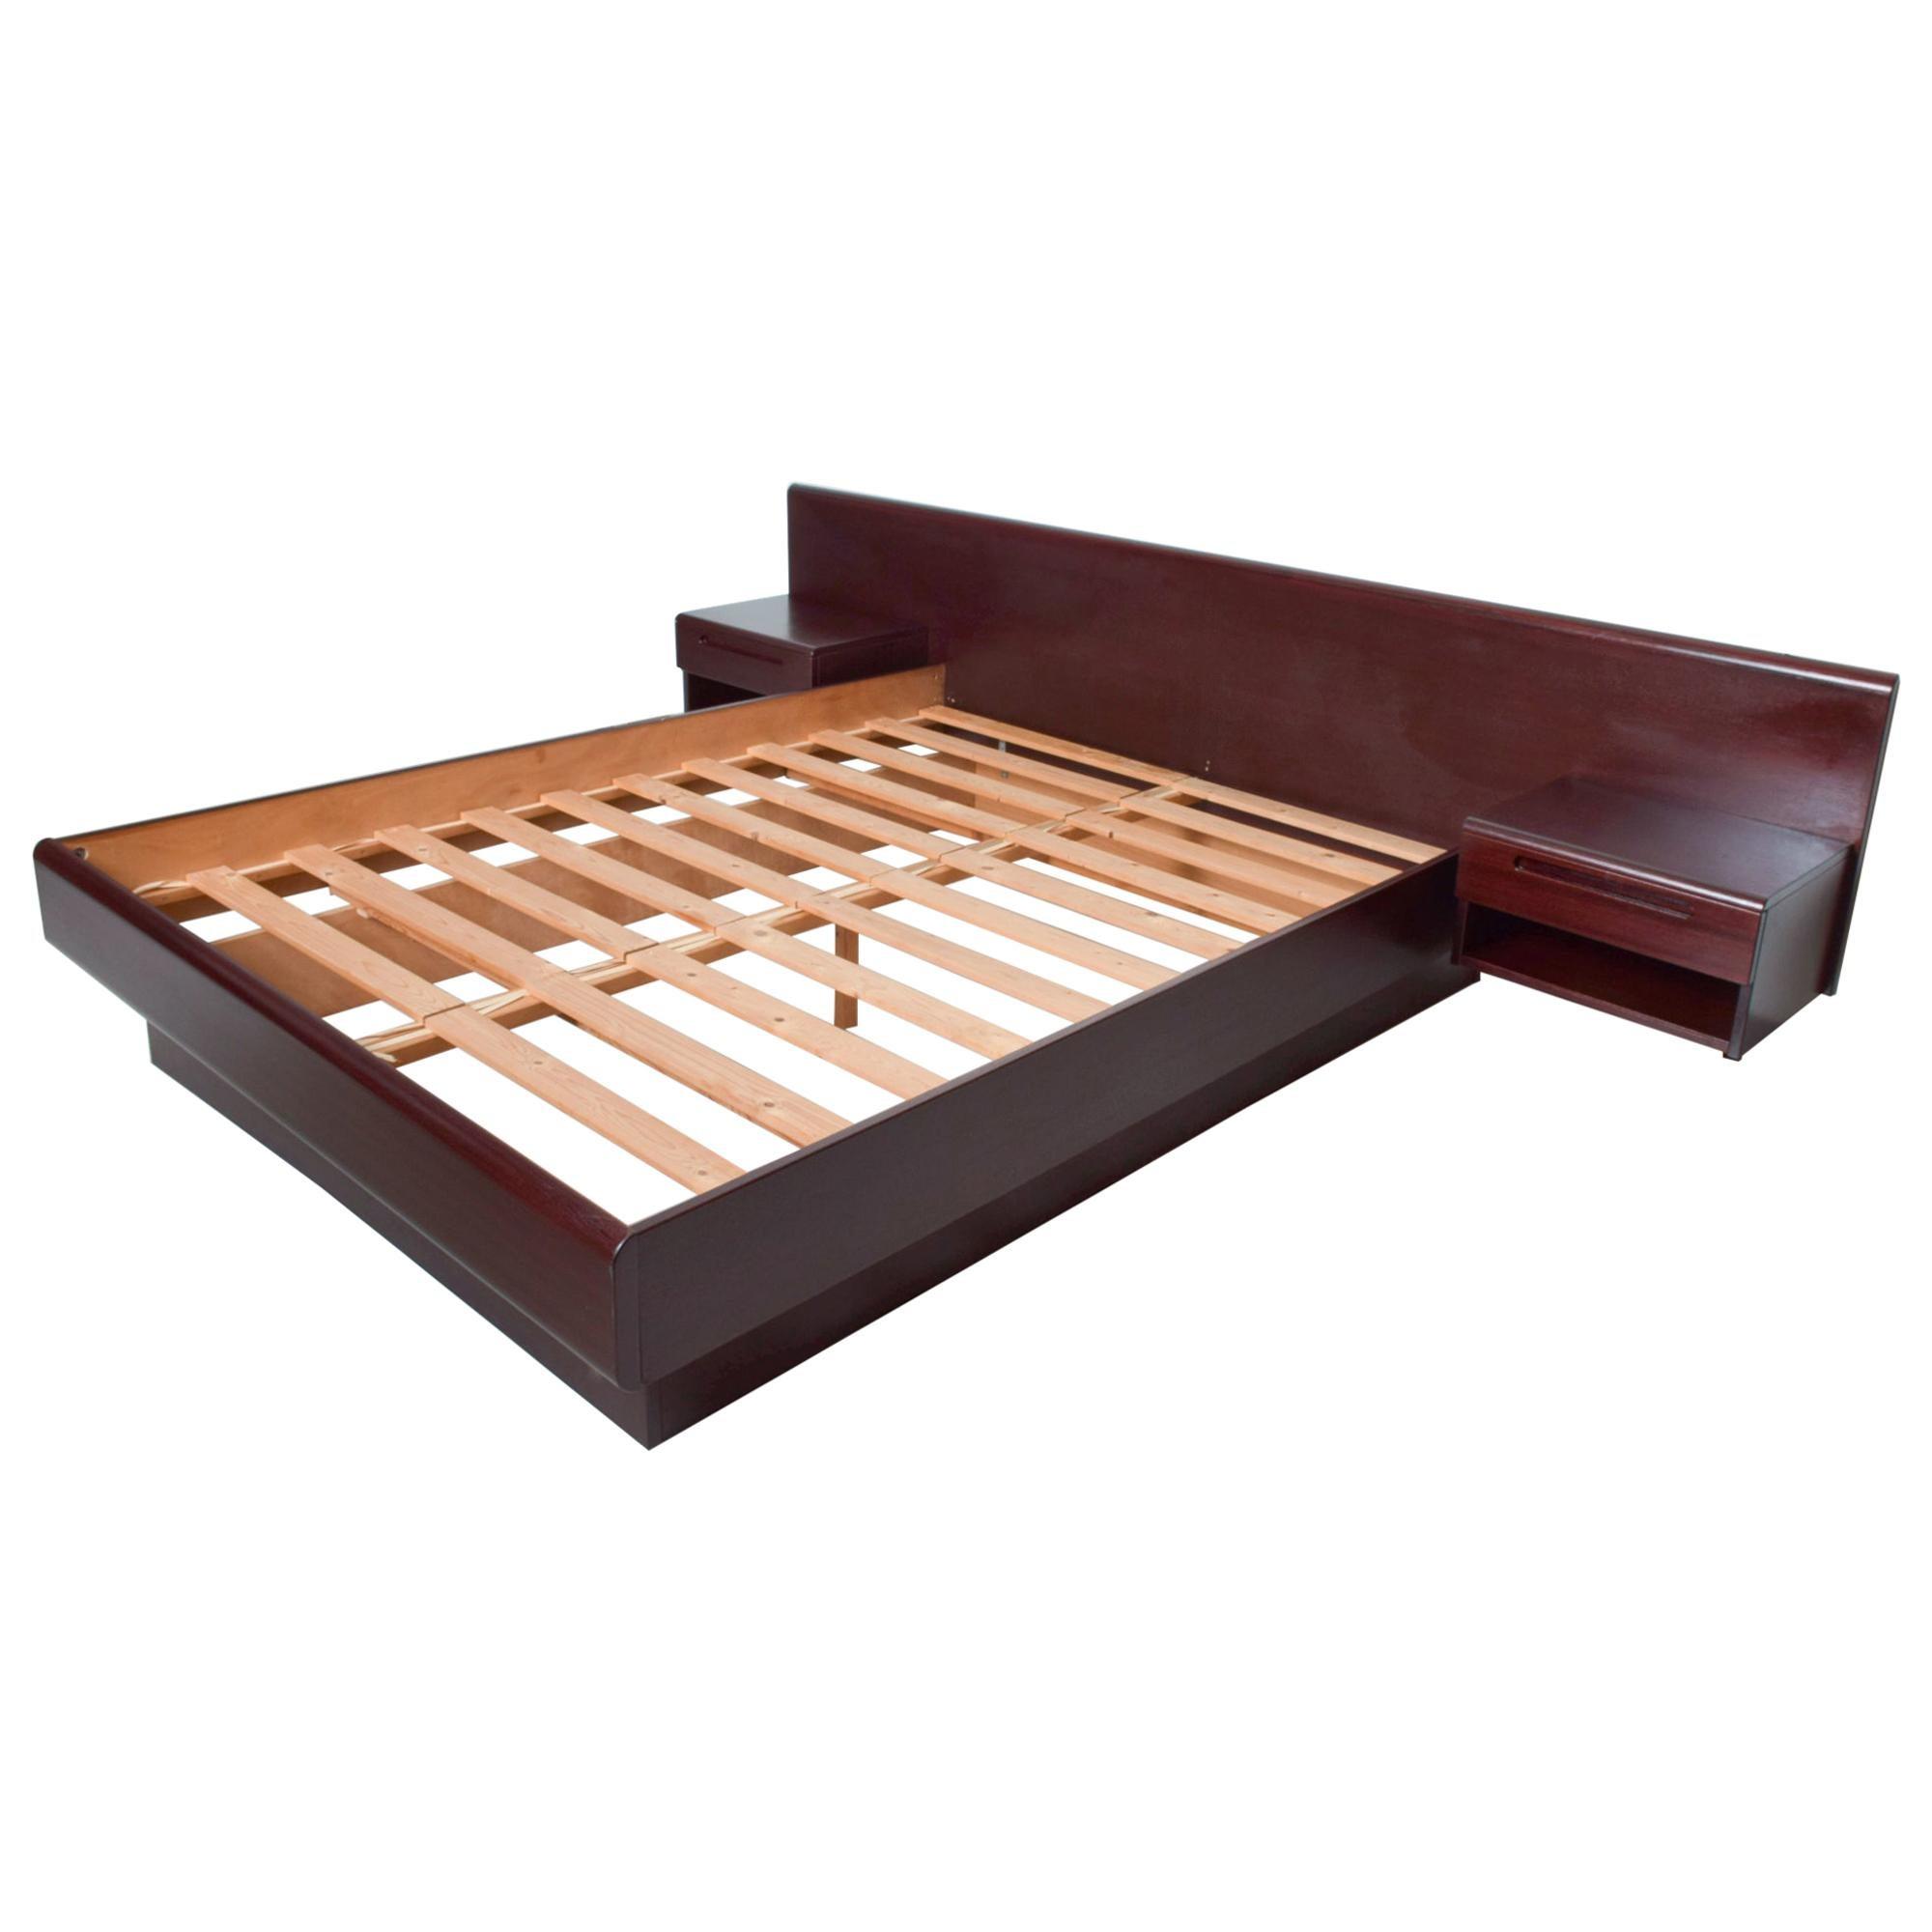 Sleek Scandinavian Modern Rosewood Platform Queen Bed with Floating Nightstands